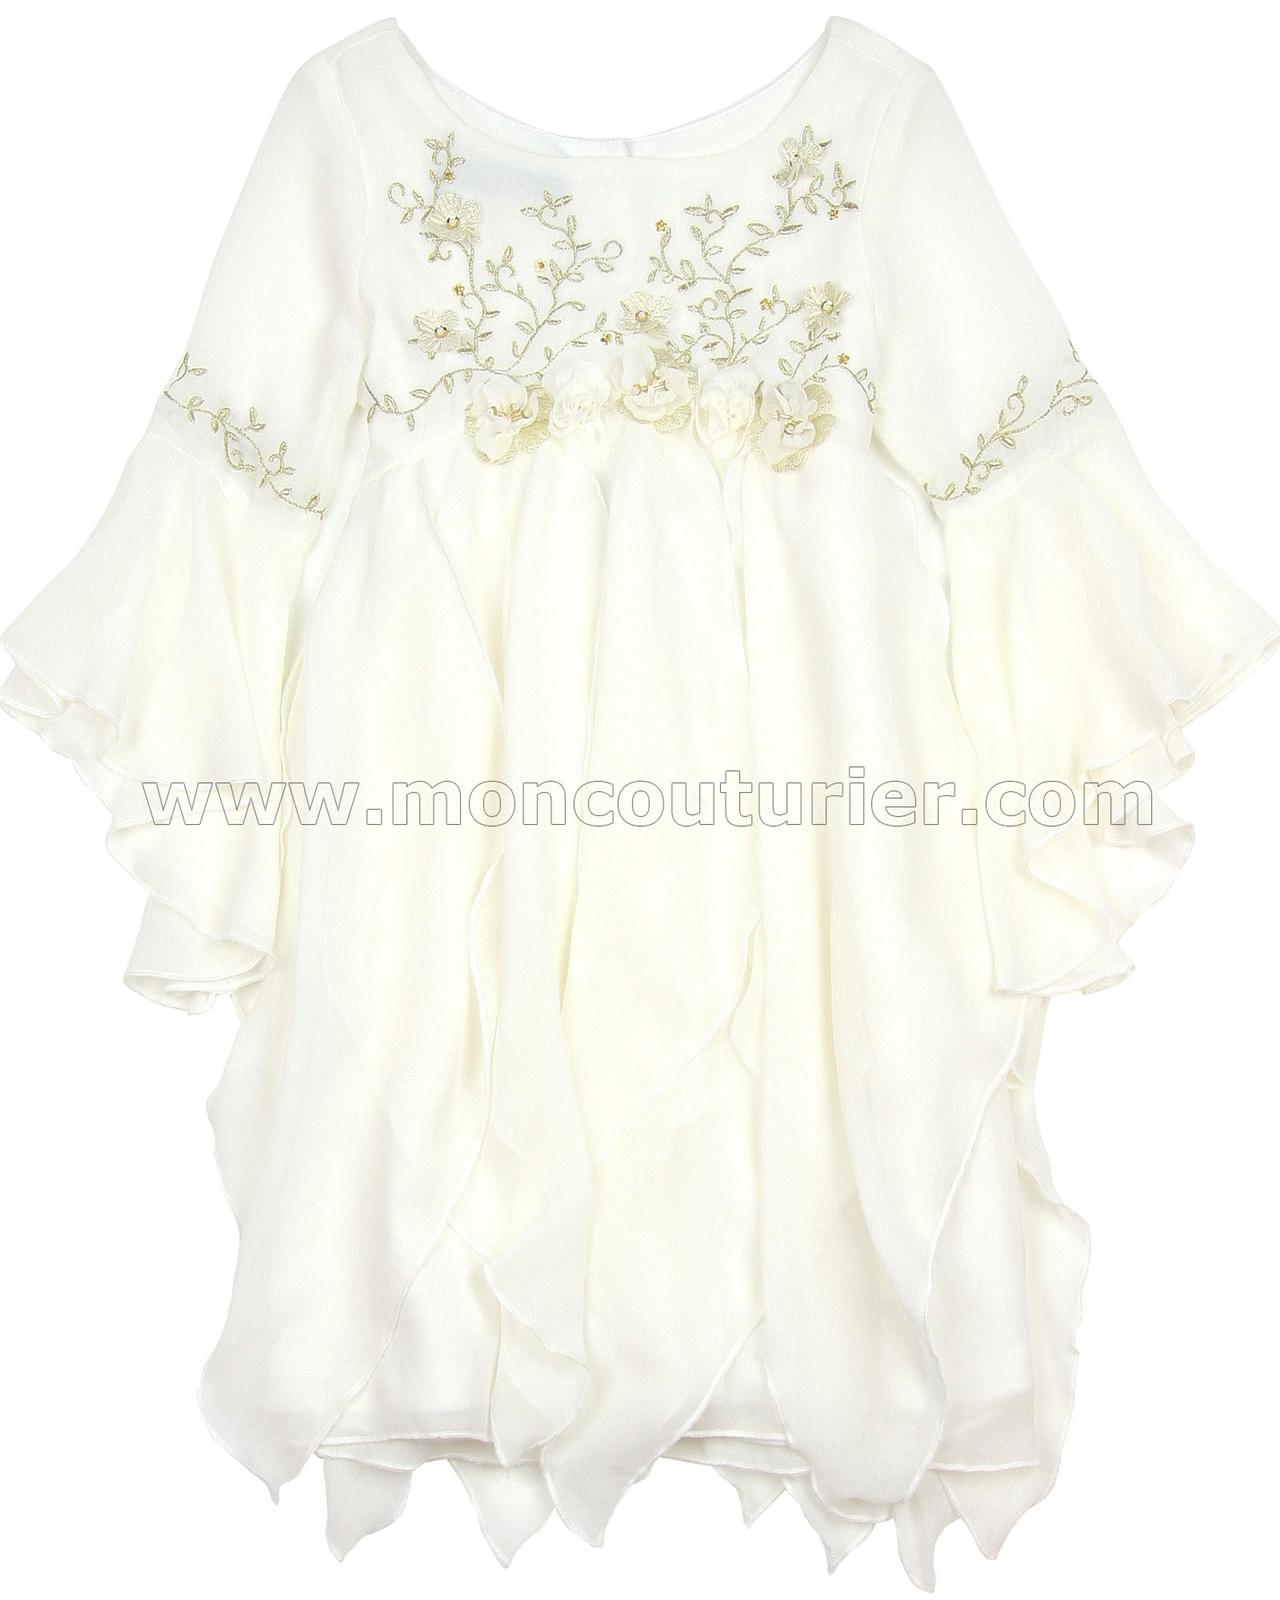 7426c9eb696 Biscotti Modern Maiden Chiffon Dress Ivory